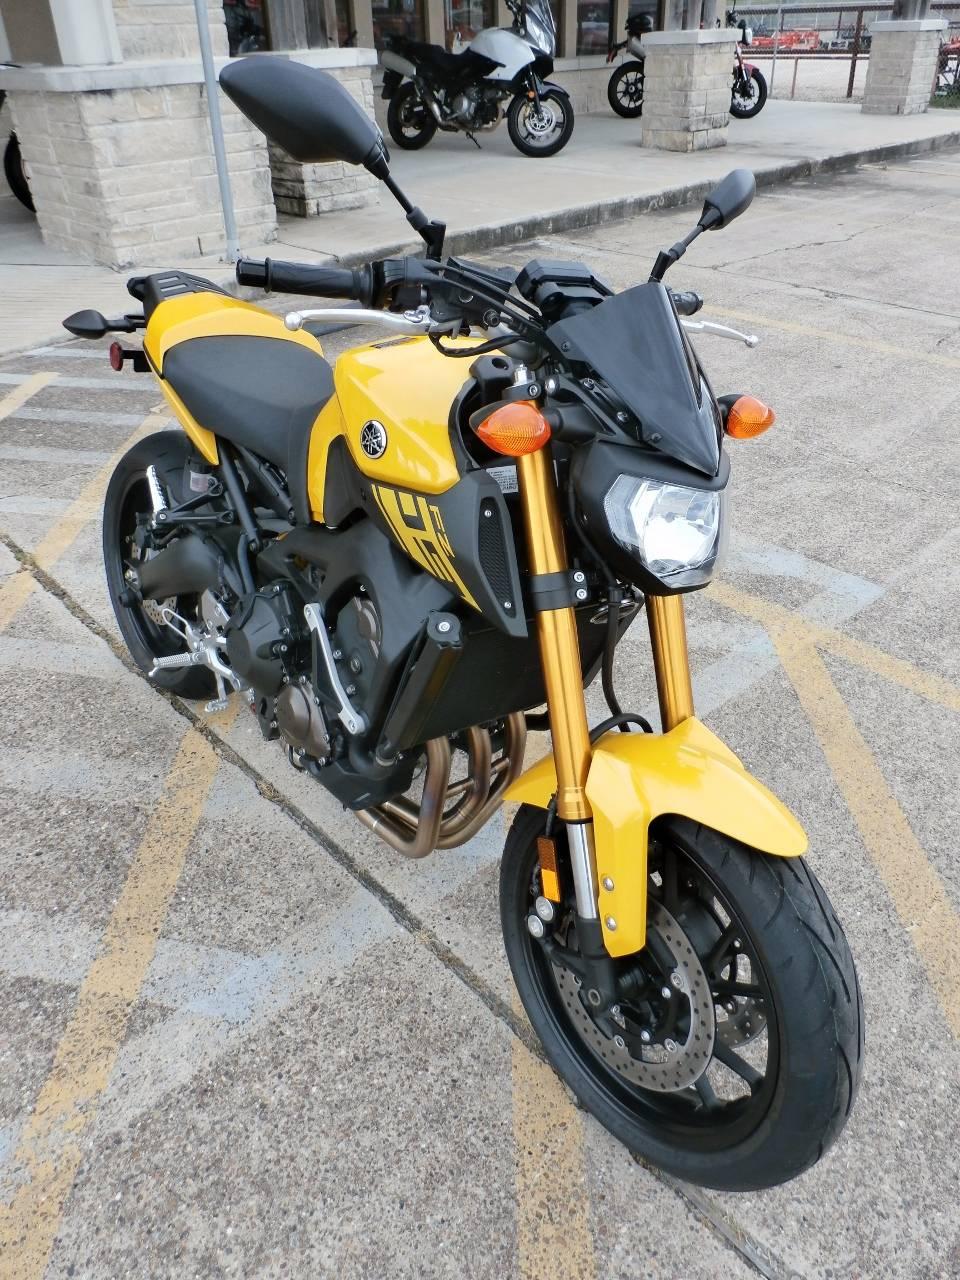 2015 Yamaha FZ-09 2